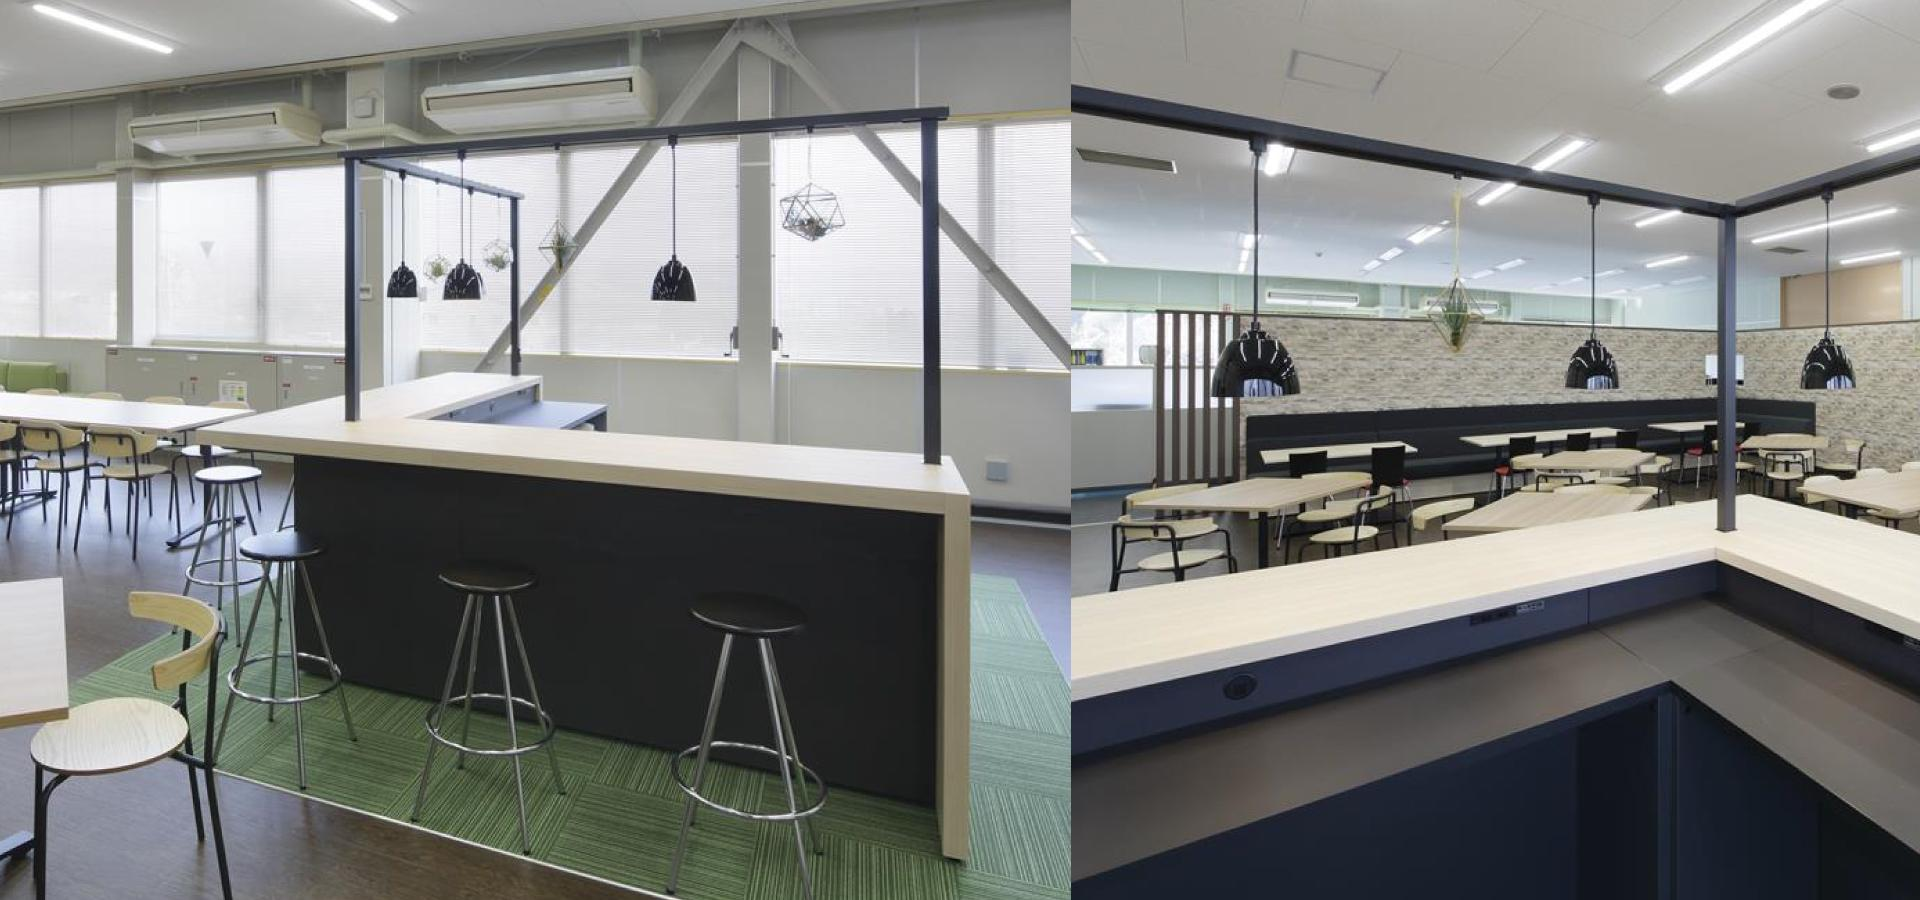 東レエンジニアリング様のオフィスカフェ事例